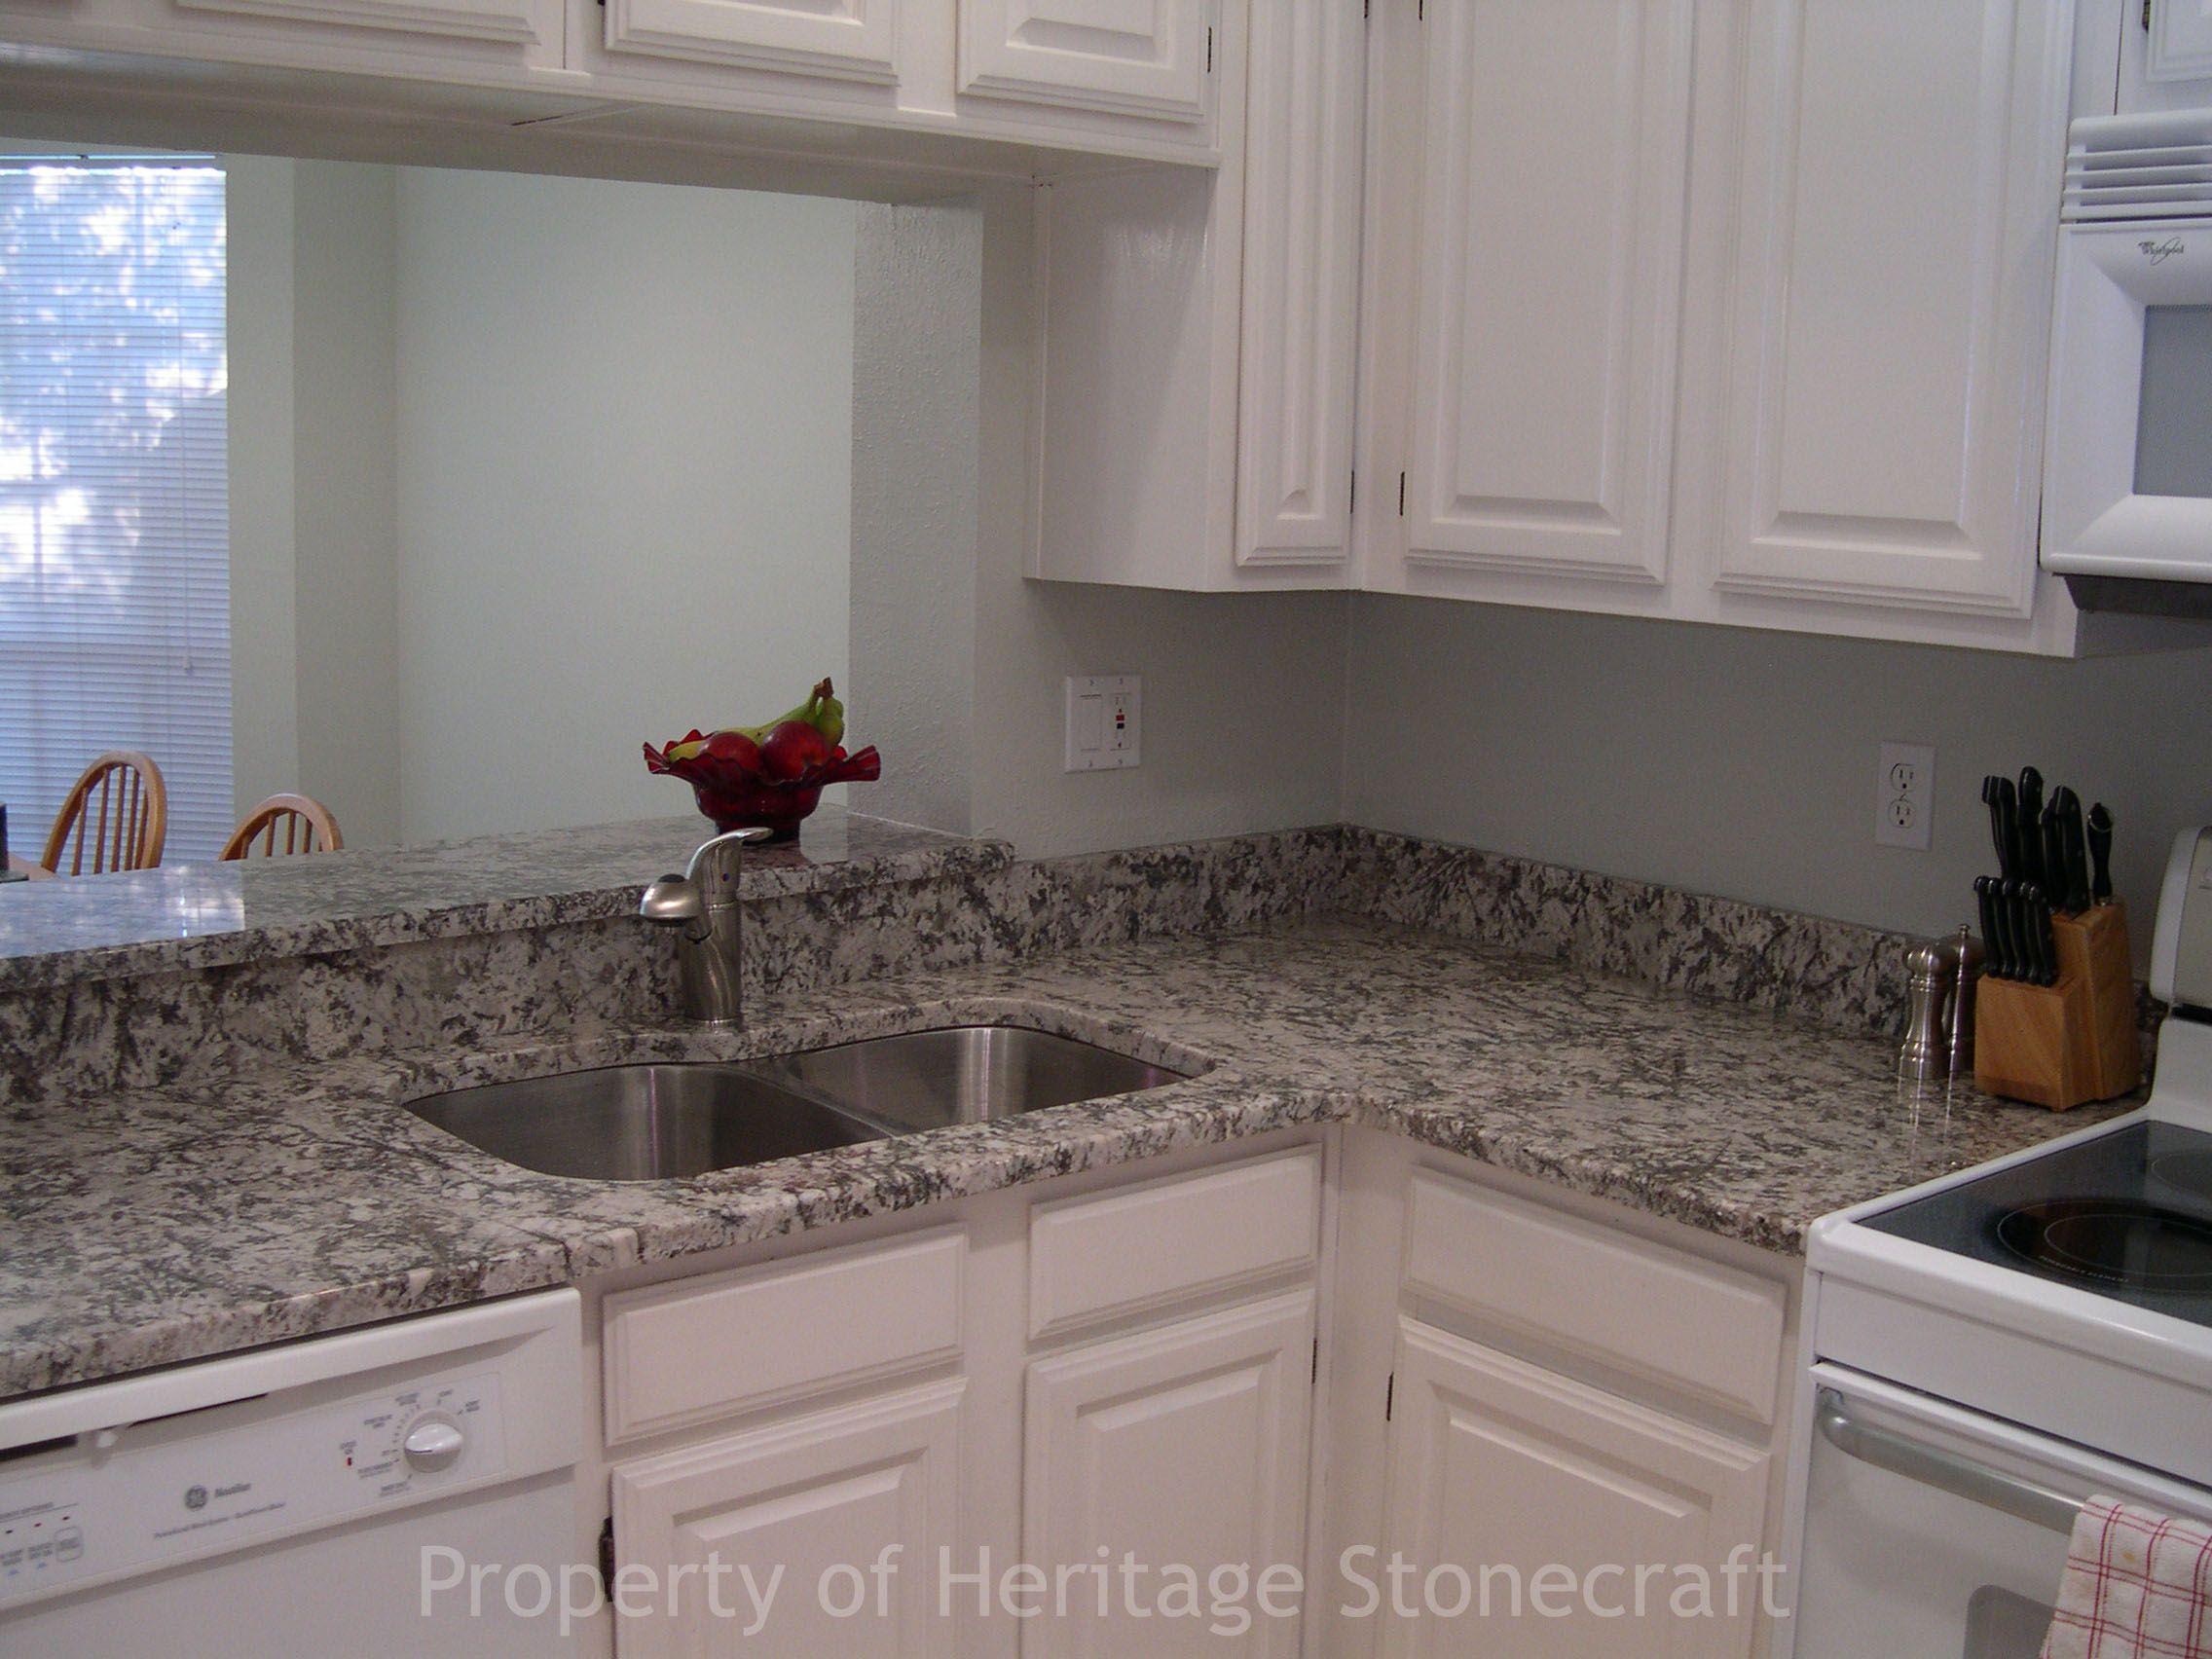 Backsplash For Bianco Antico Granite Image Review